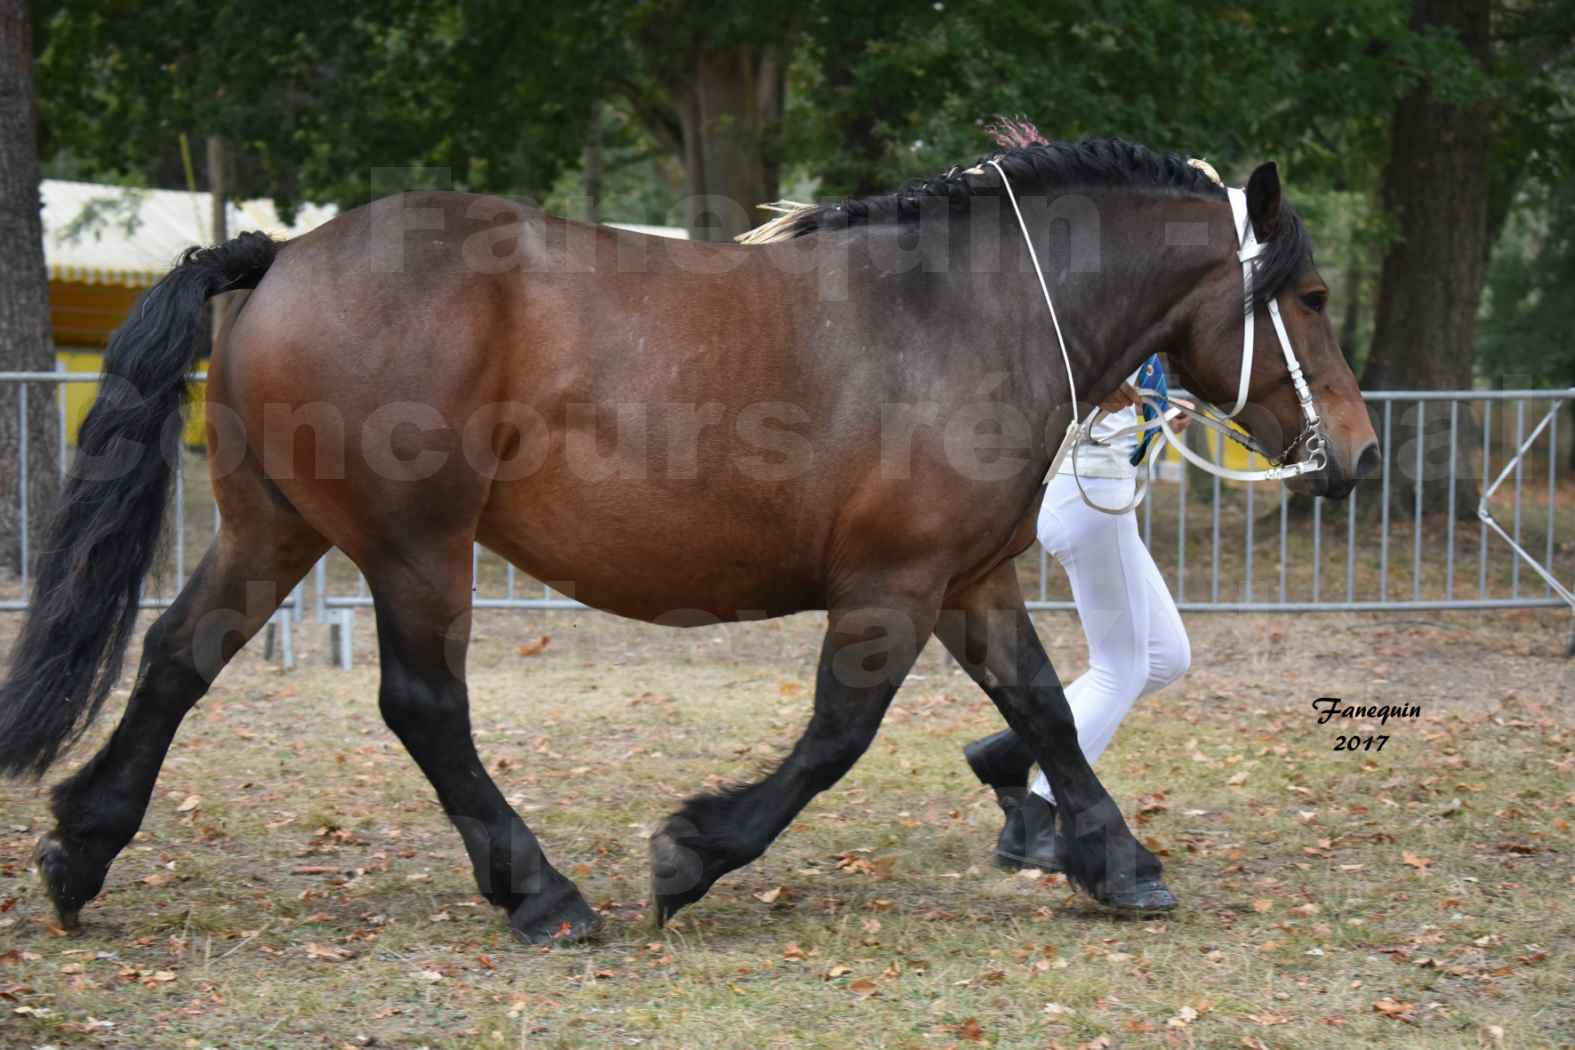 Concours Régional de chevaux de traits en 2017 - Jument & Poulain Trait COMTOIS - CANDY DE GRILLOLES - 03